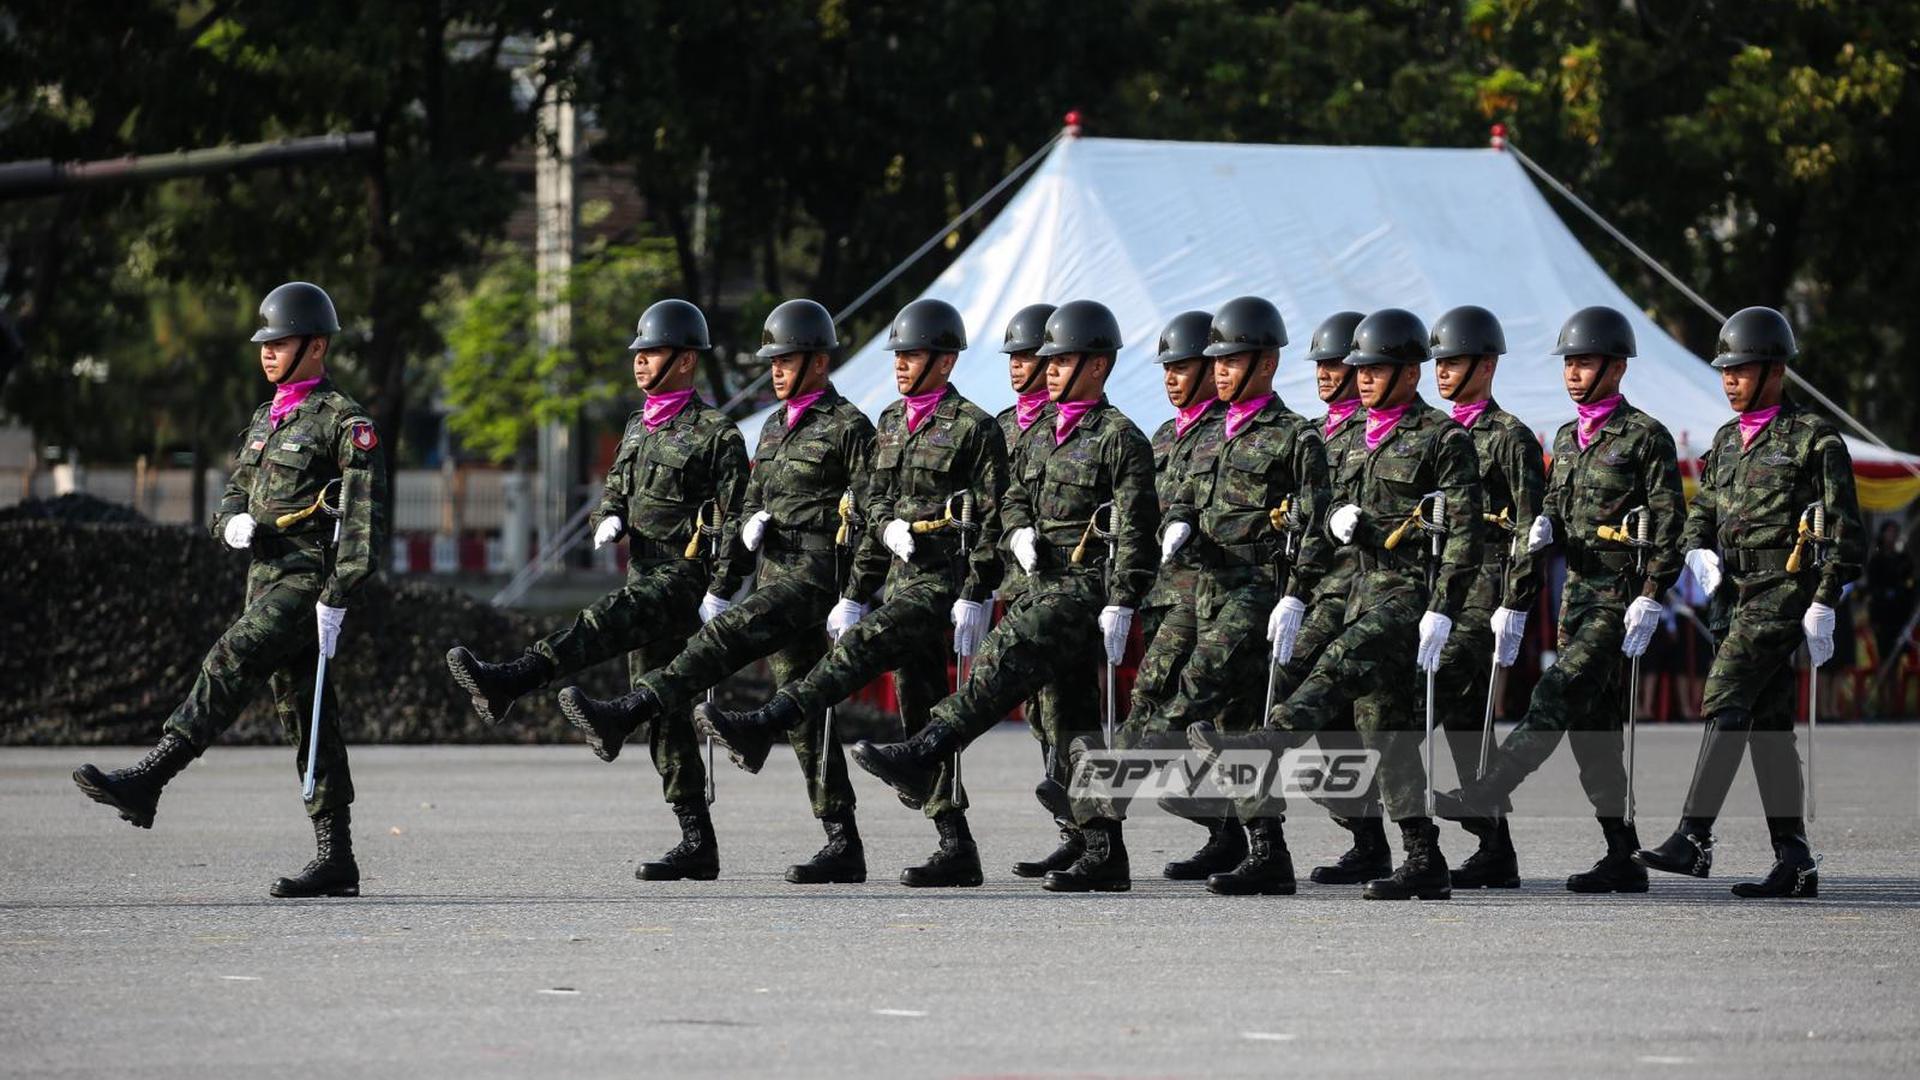 """""""18 ม.ค. วันกองทัพไทย"""" ทุกเหล่าทัพปฏิญาณตนต่อธงชัยเฉลิมพล -สวนสนาม"""